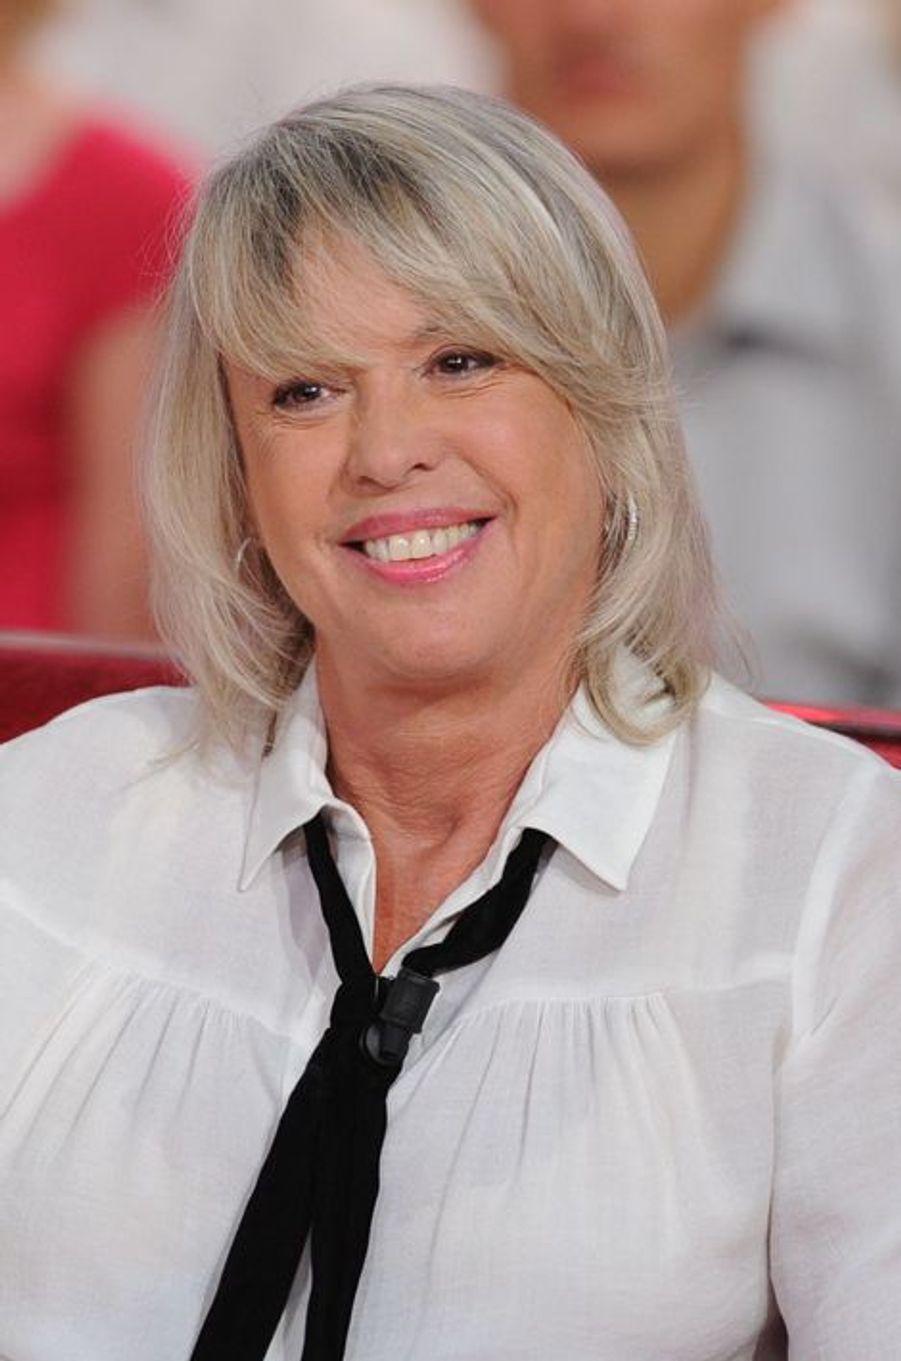 Christine Haas lors de l'enregistrement de «Vivement Dimanche» Sophie Marceau sur France 2 le 17 septembre 2014.